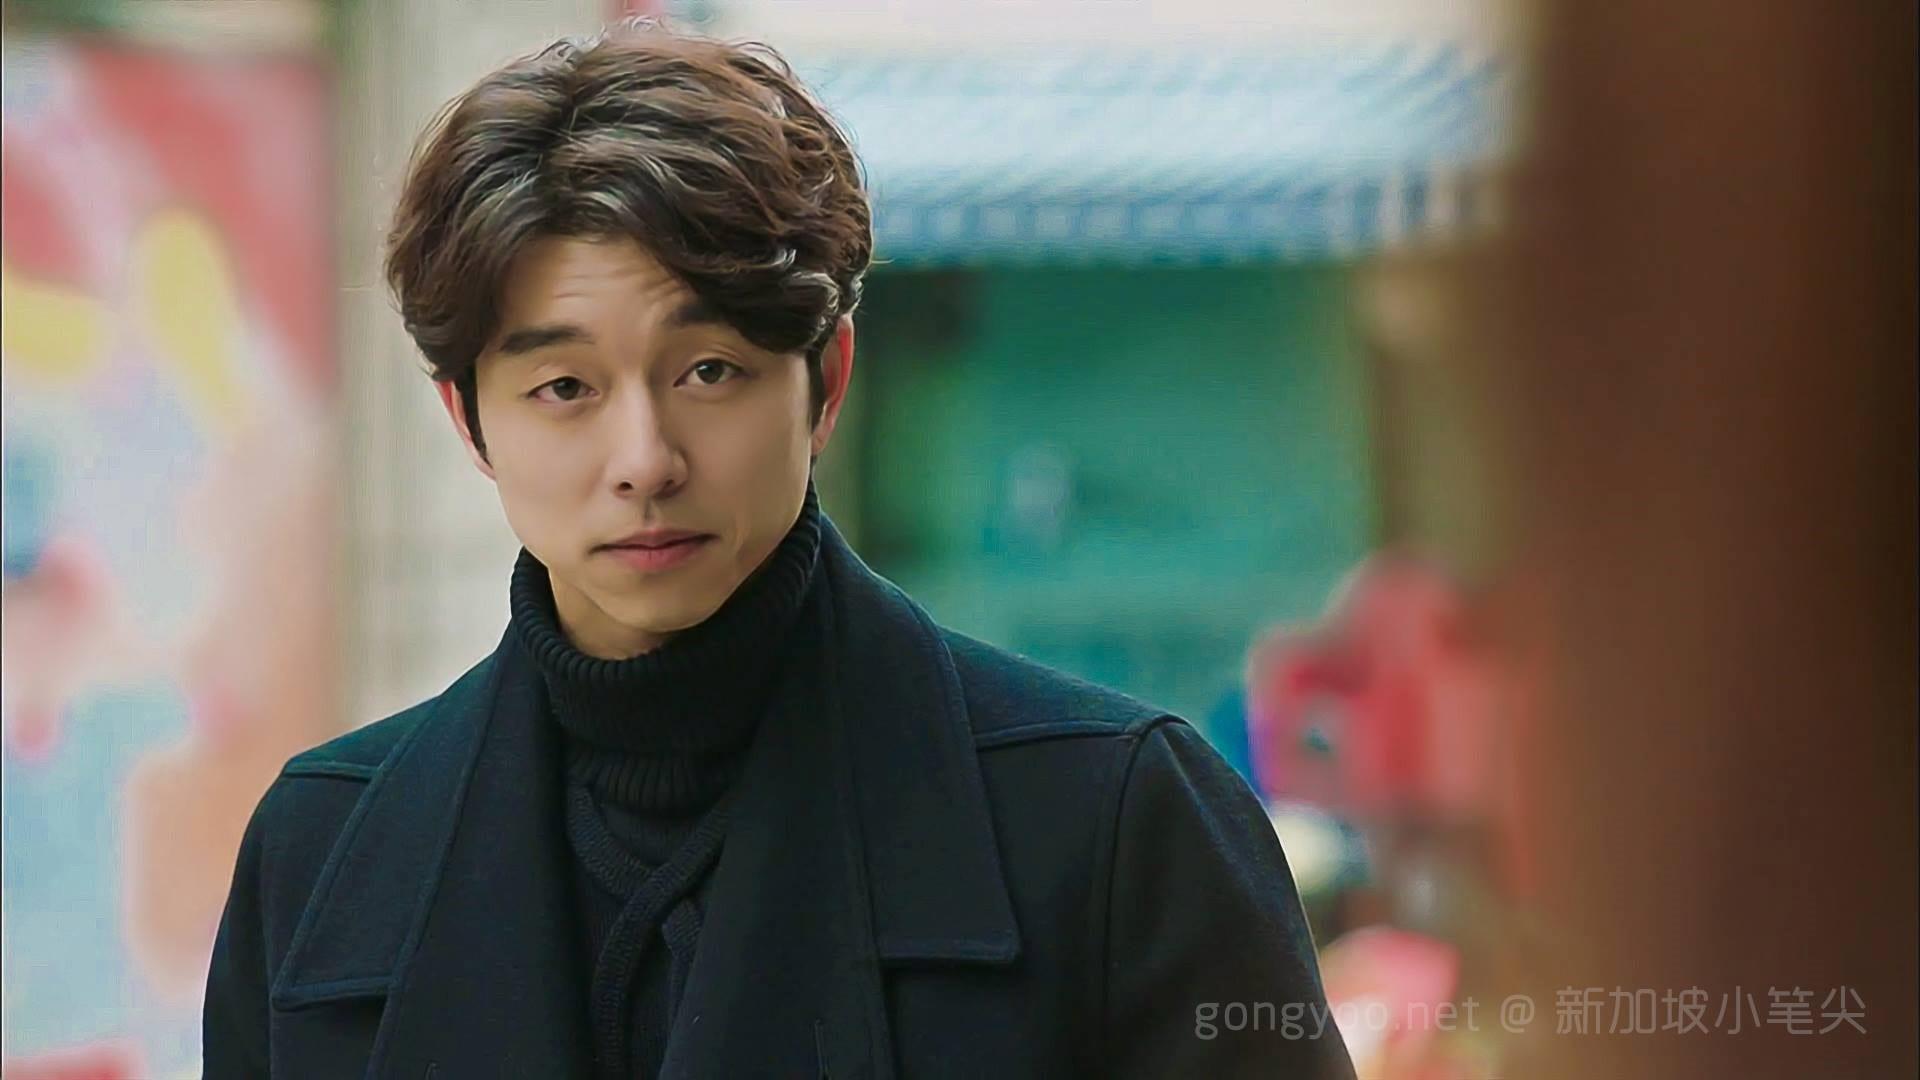 Who Is Gong Yoo?